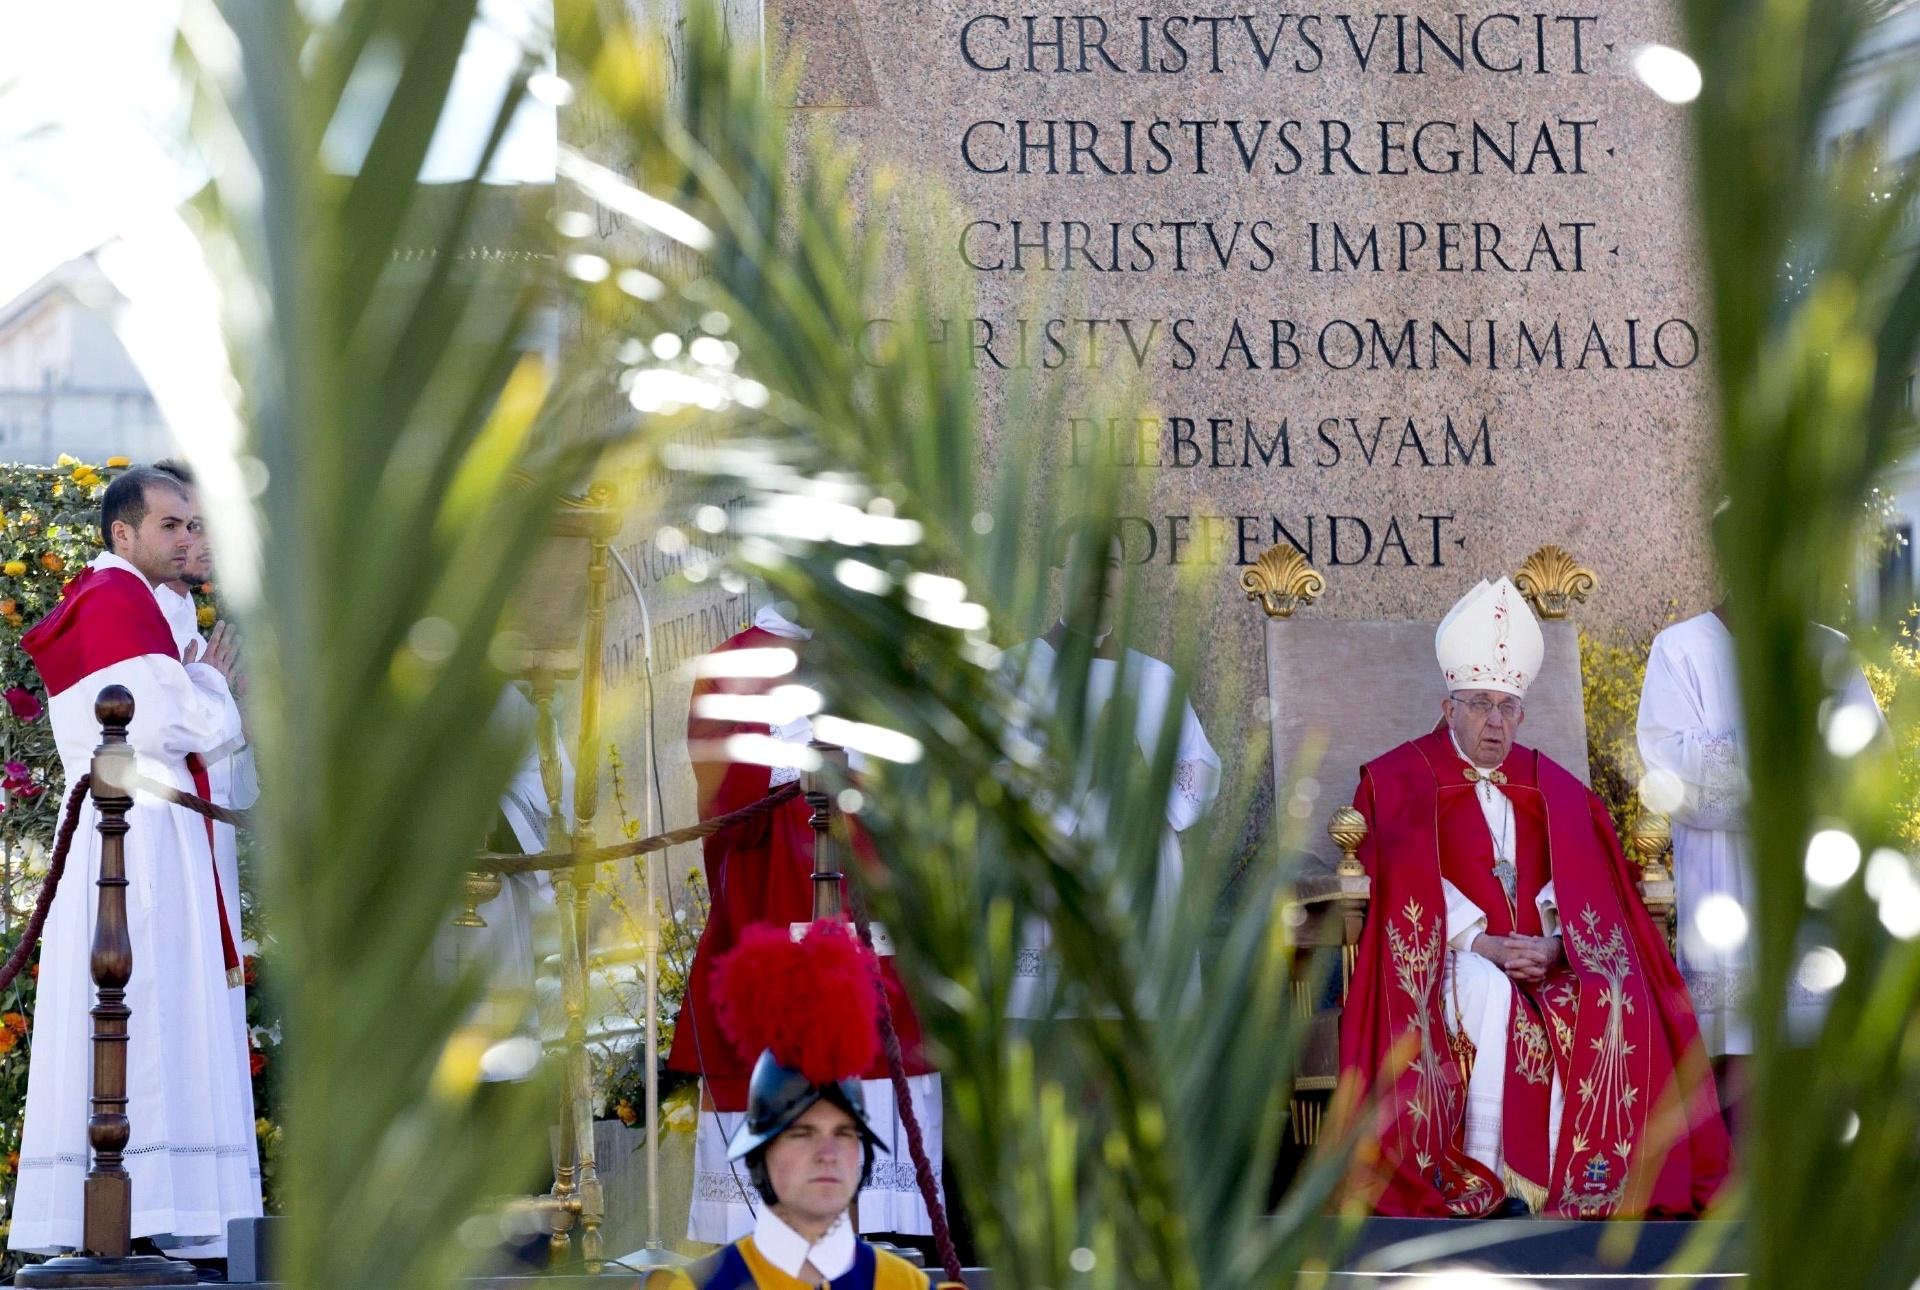 29.mar.2015 - Parcialmente encoberto por ramos de palmeiras, o papa Francisco conduz missa em celebração do domingo de Ramos na praça São Pedro, no Vaticano, neste domingo (29). A data marca para os católicos o início da Semana Santa